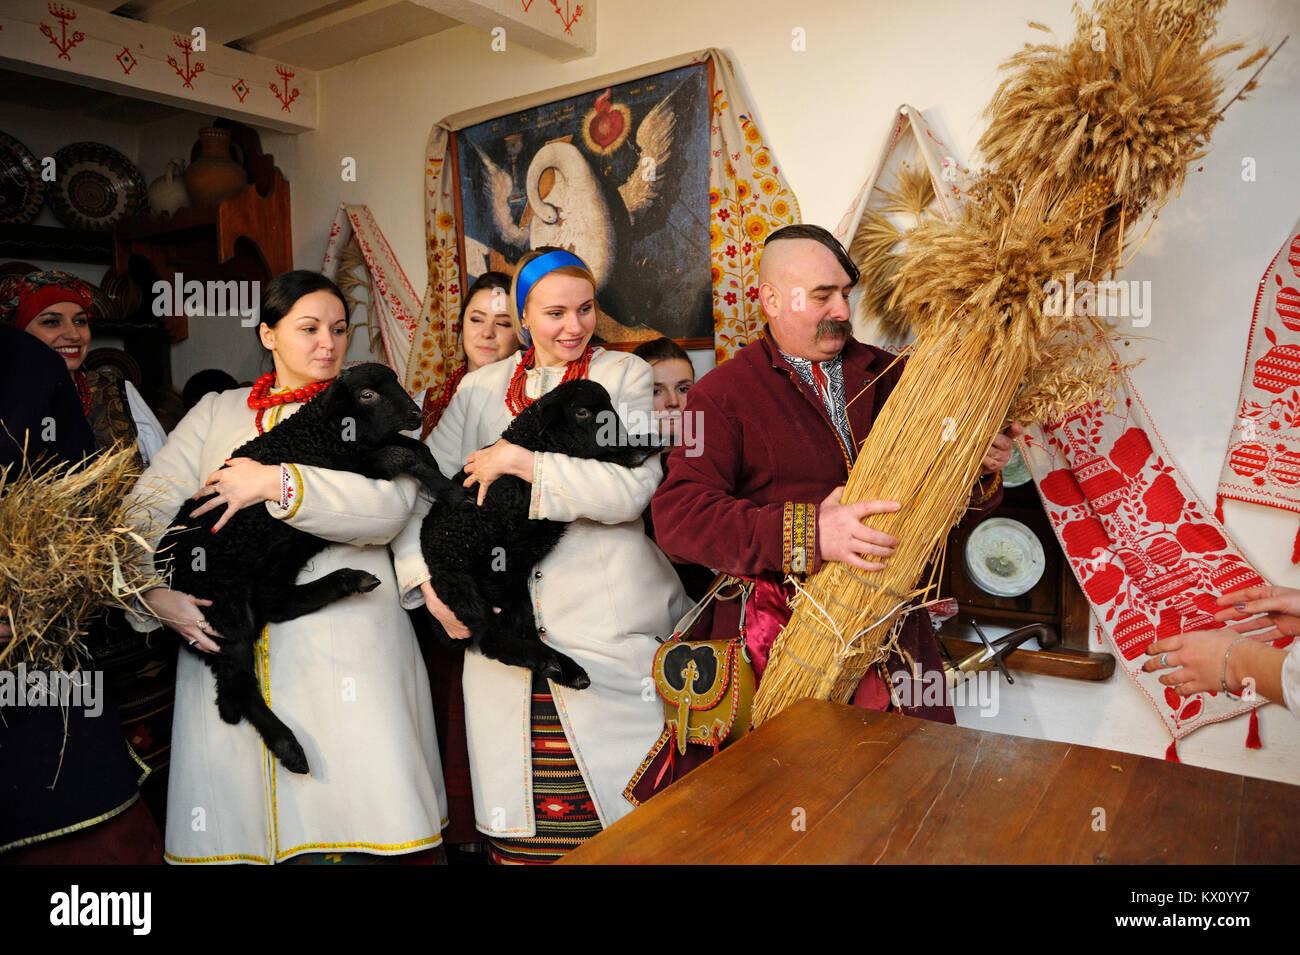 Las mujeres con vestimentas nativas con ovejas celebrar la Nochebuena. Reconstrucción de las tradiciones folklóricas Imagen De Stock